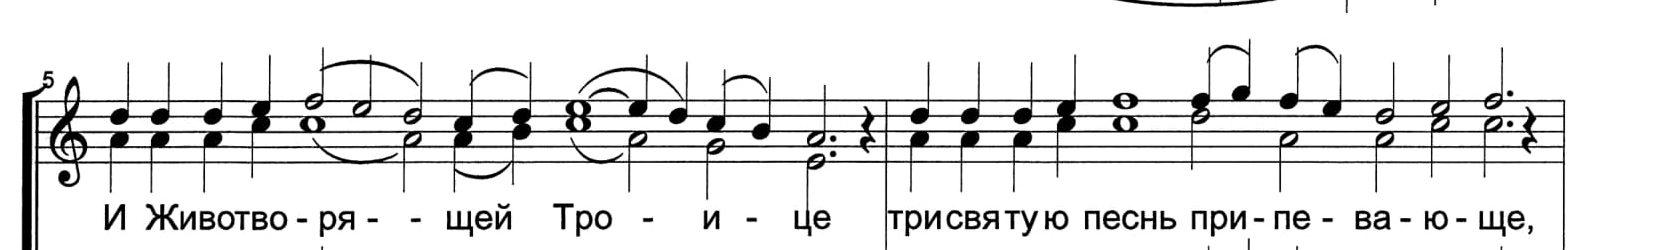 Херувимская песнь. Зайцев